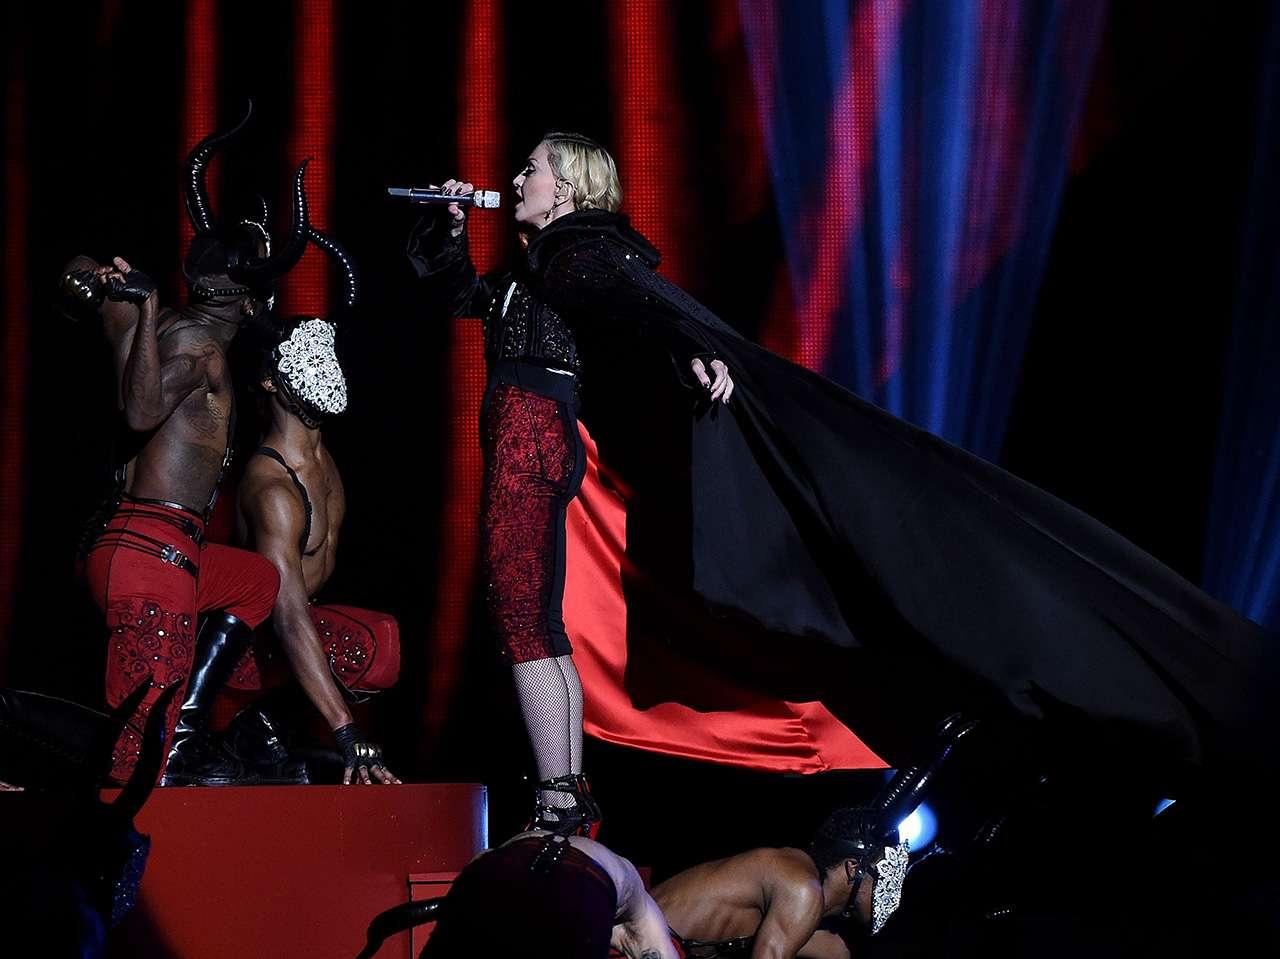 La caída de Madonna cerró de manera inesperada la ceremonia de los Brit Awards 2015. Foto: Getty Images